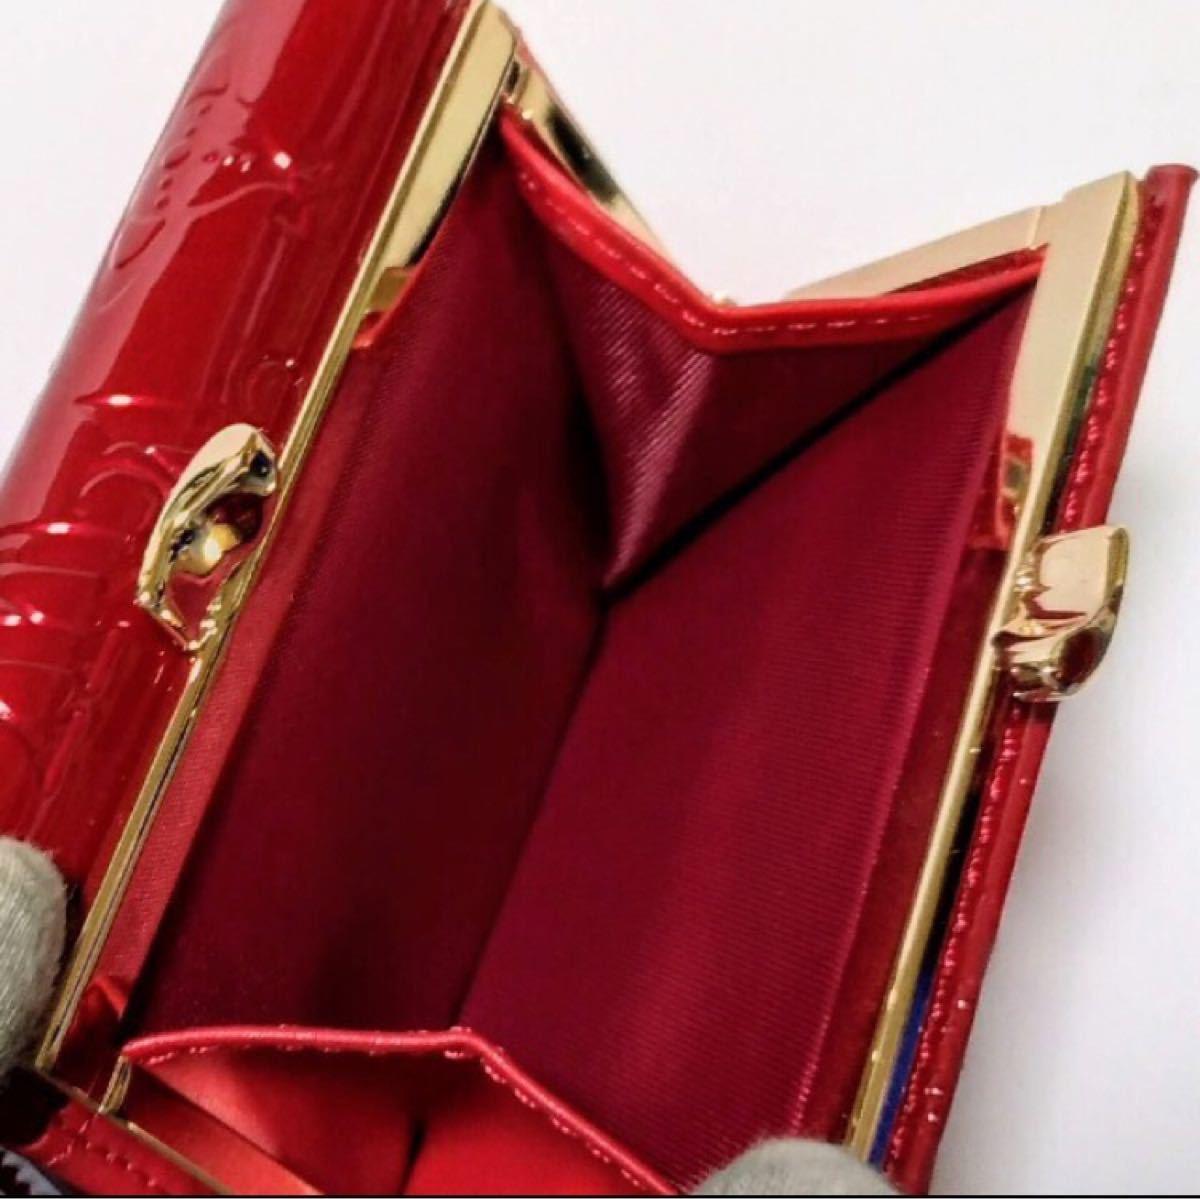 Vivienne Westwood ヴィヴィアンウエストウッド レッド ヴィヴィアンウェストウッド 三つ折り財布 赤